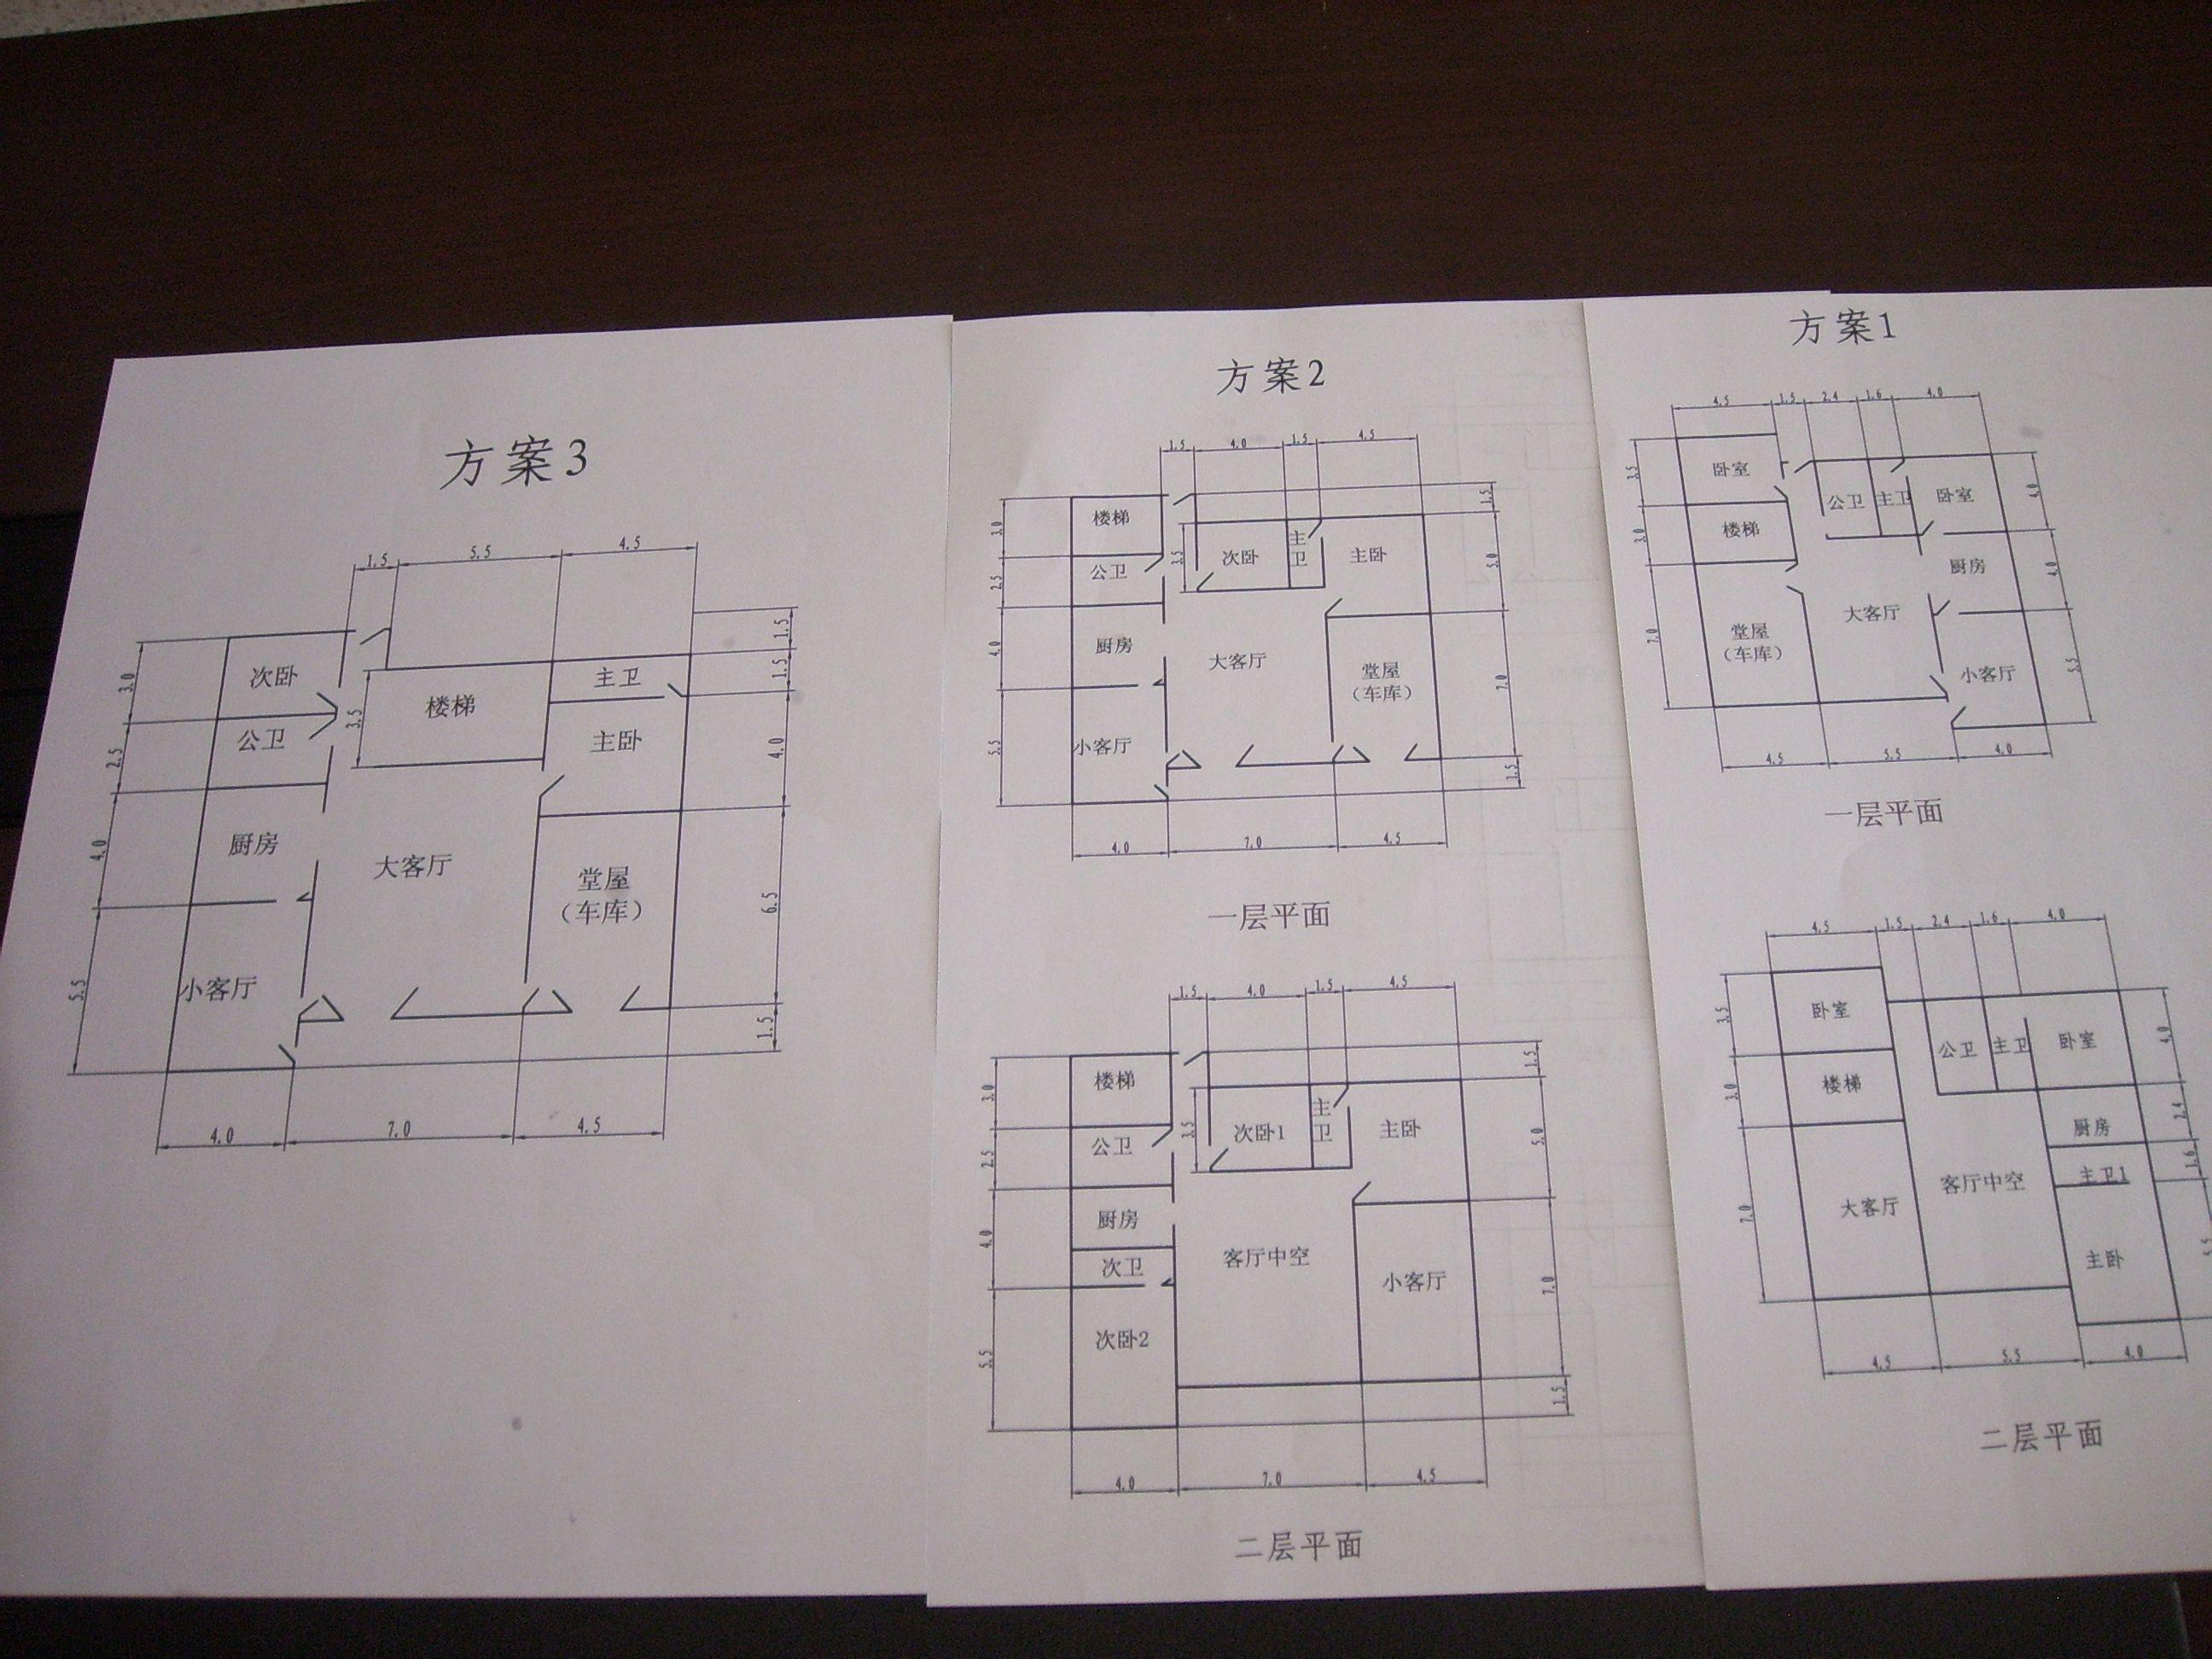 本人想在老家建一栋别墅 已有房间布置示意图 急求效果图高清图片